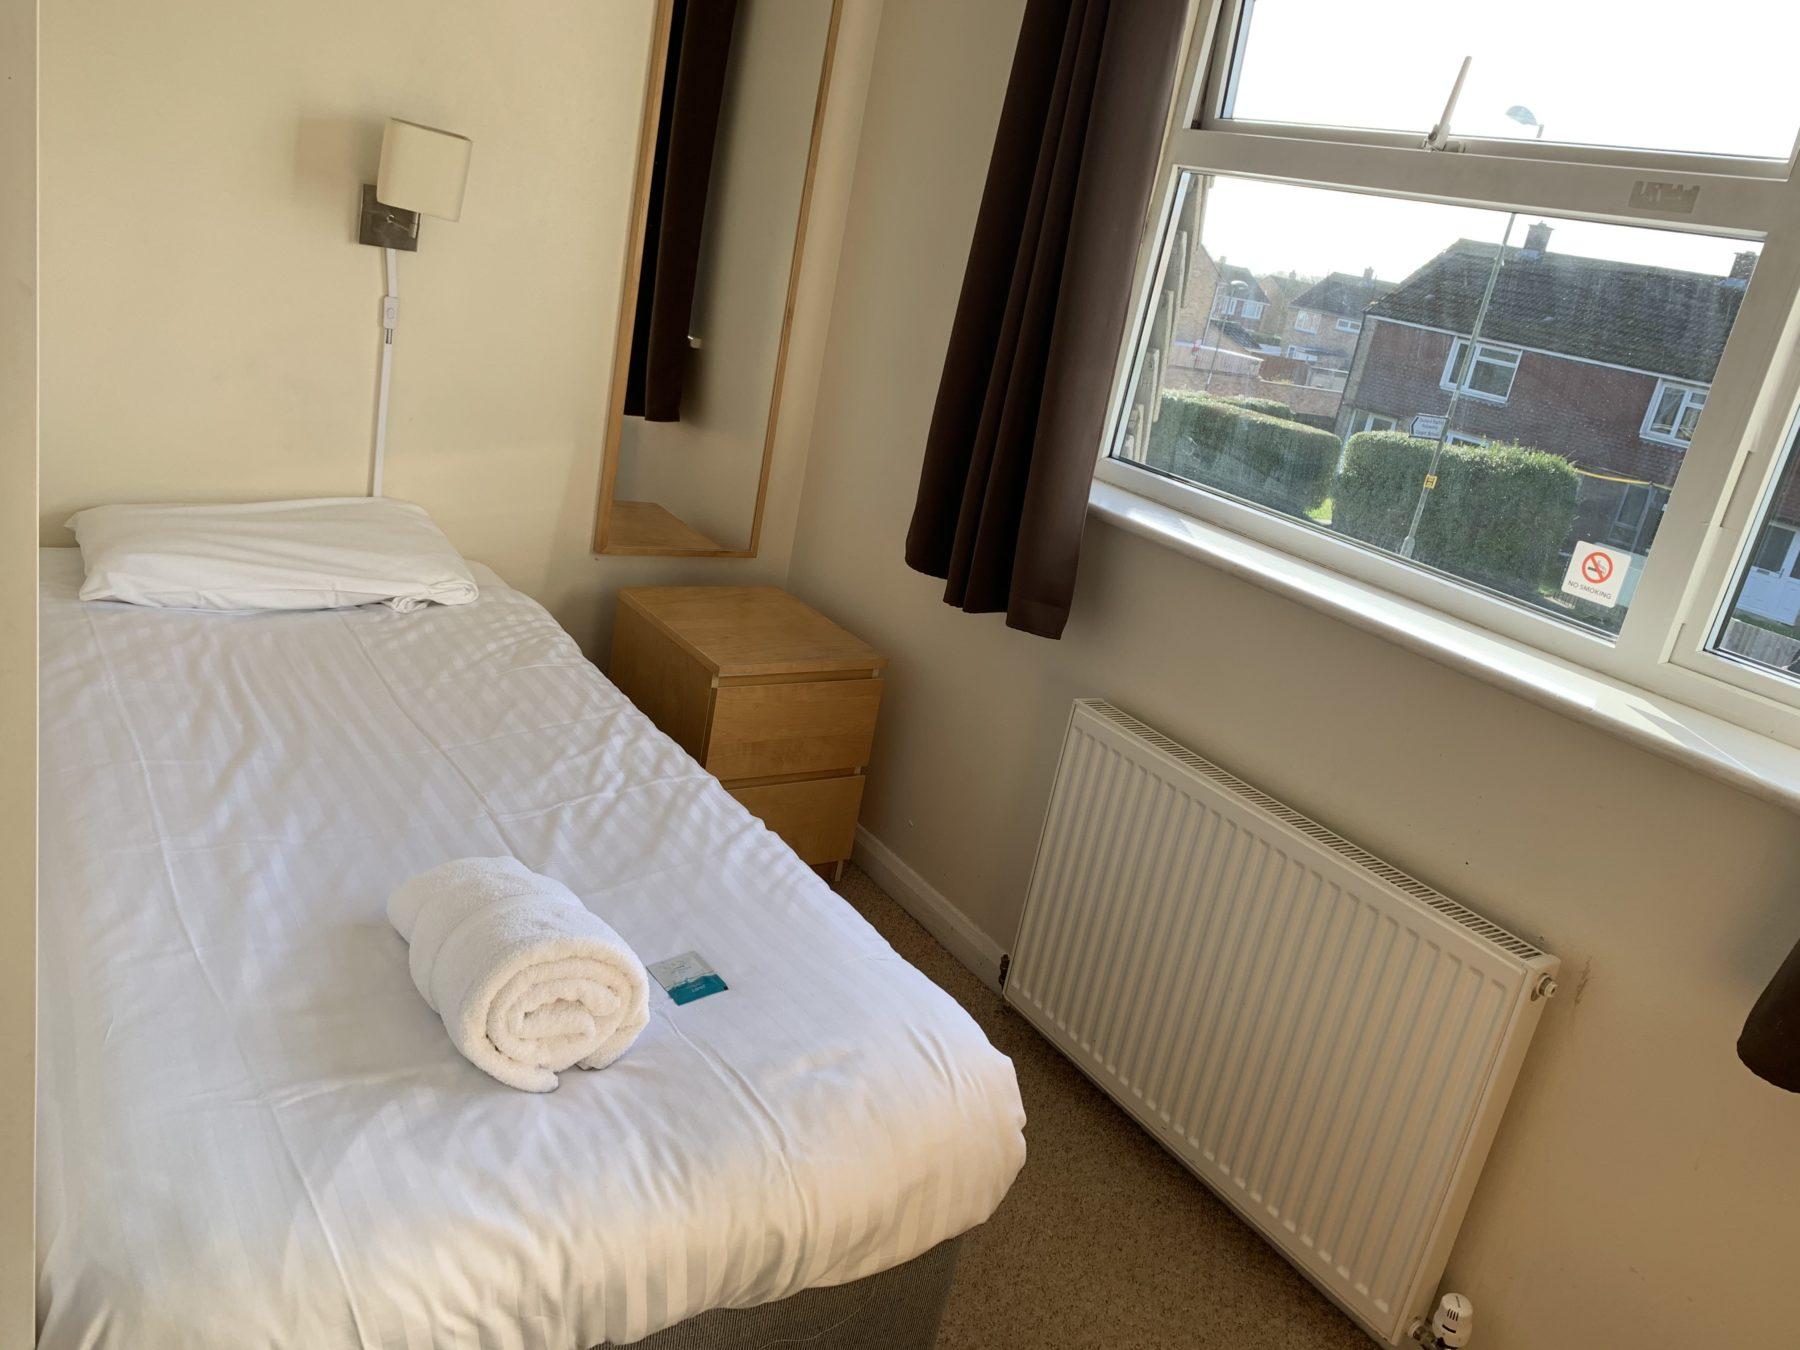 Room 5 – single room